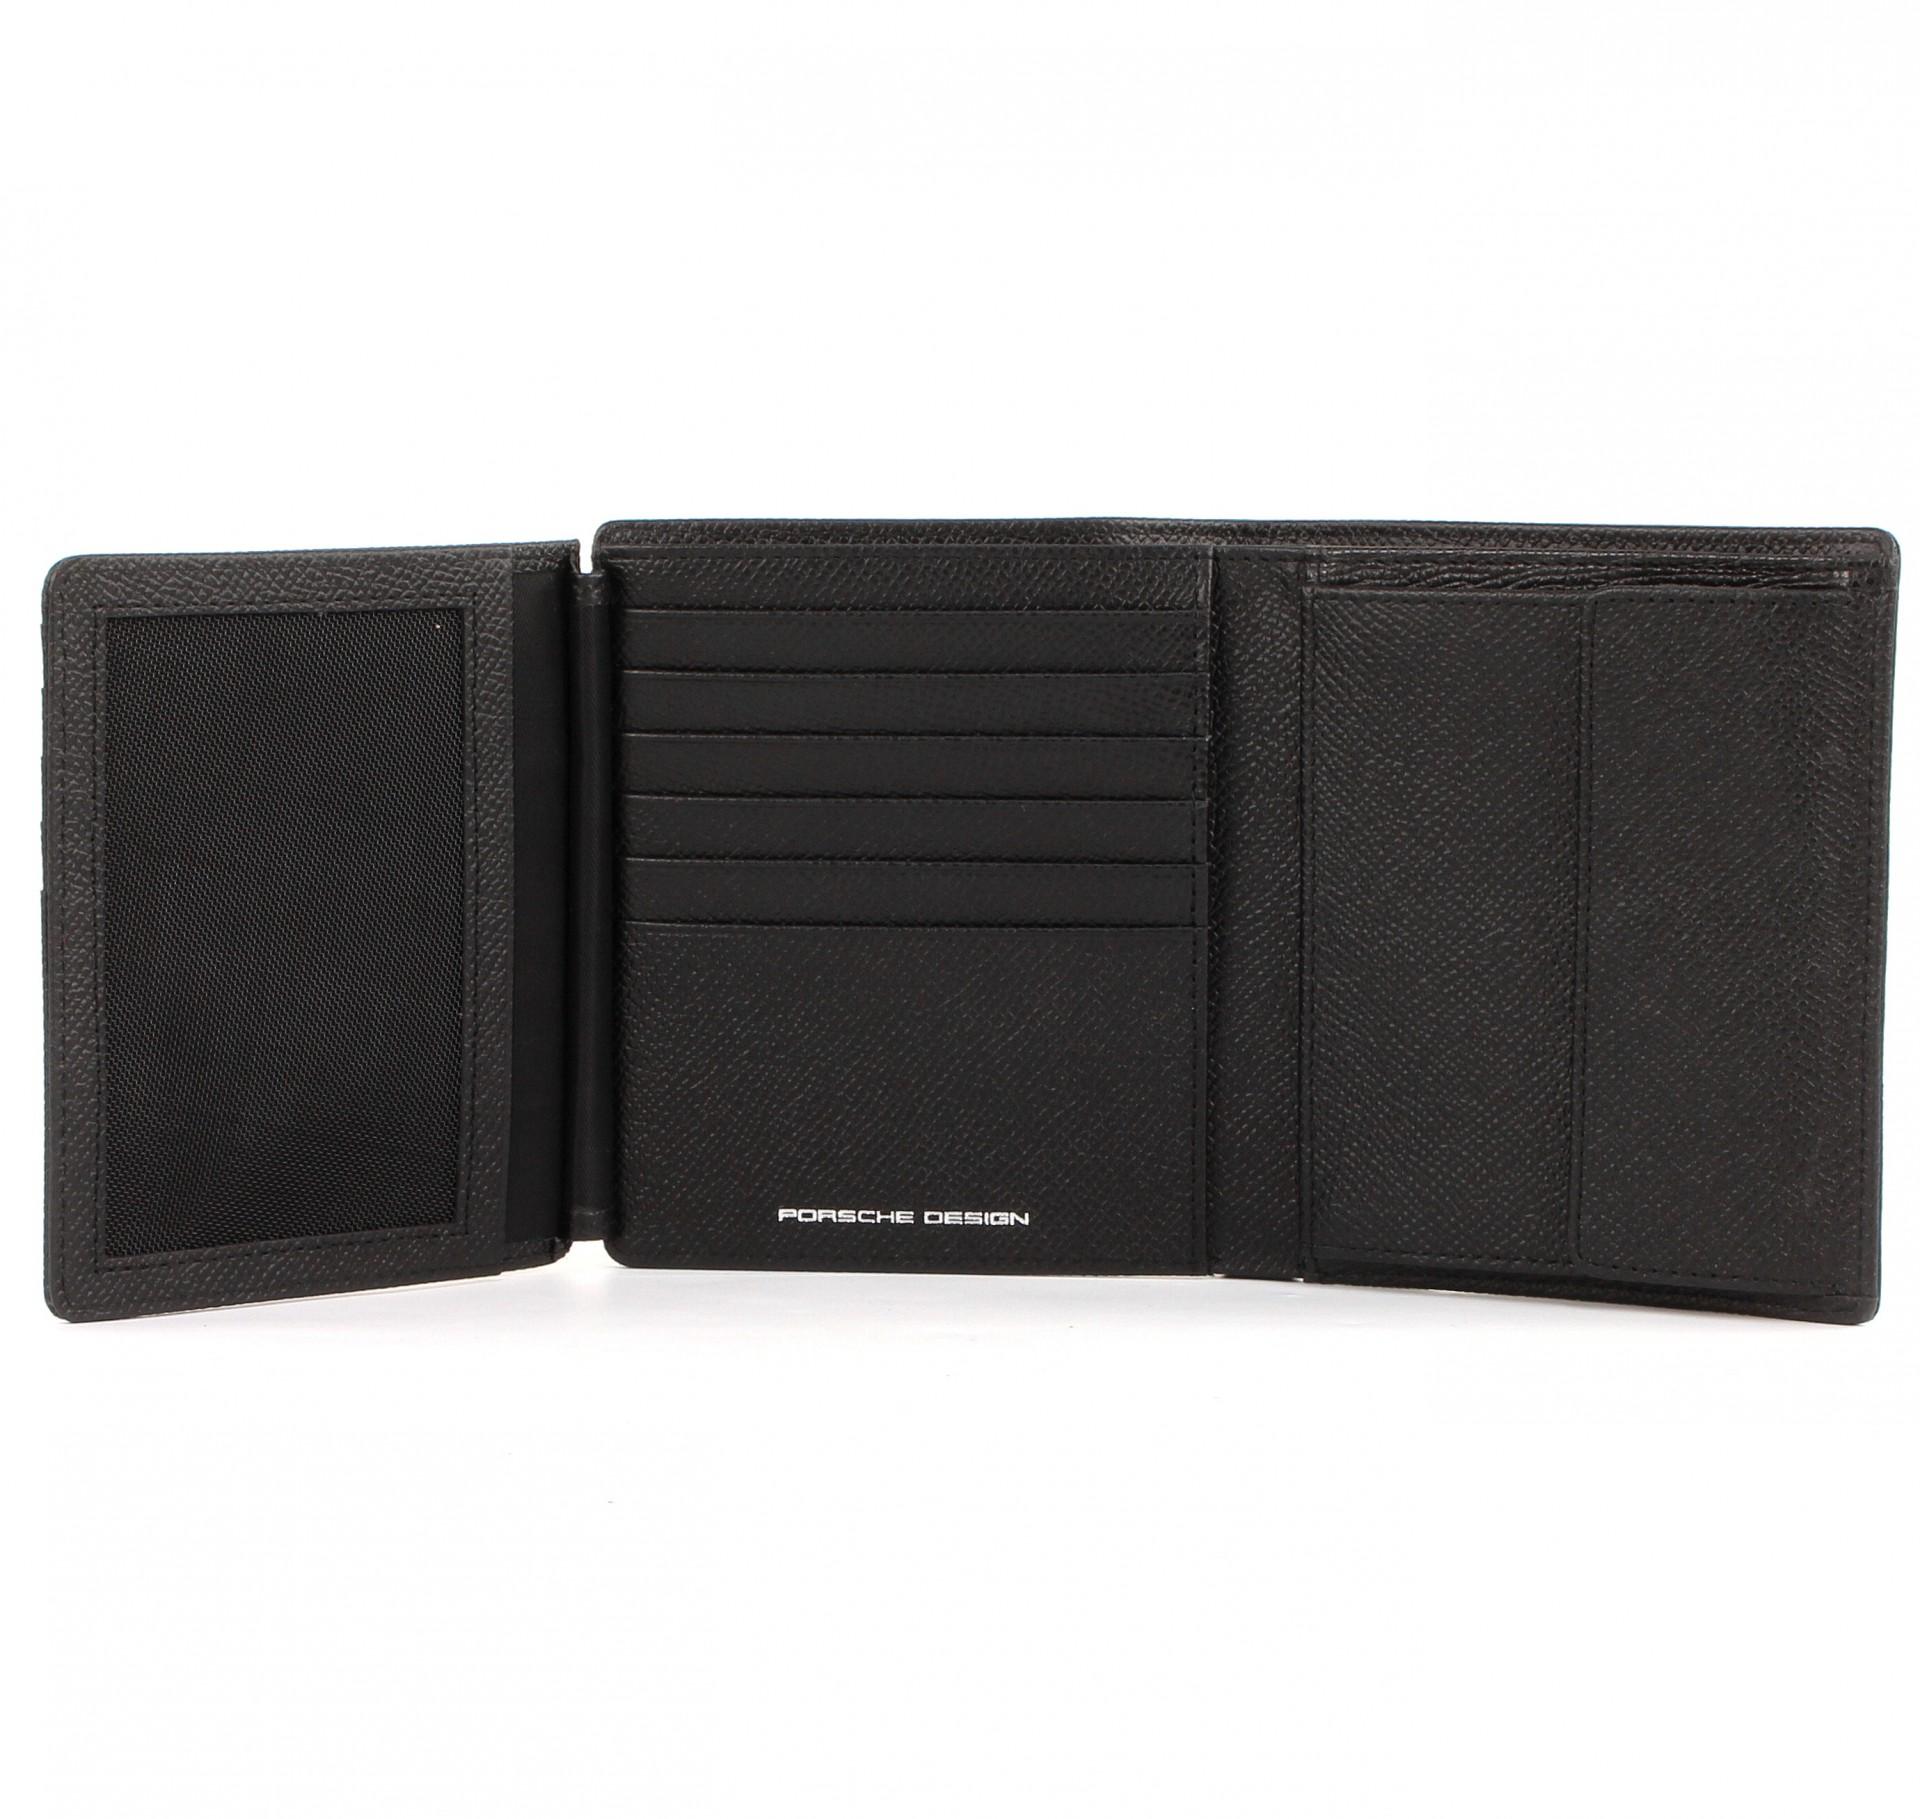 porsche design geldb rse french classic 3 0 billfold v11 black. Black Bedroom Furniture Sets. Home Design Ideas